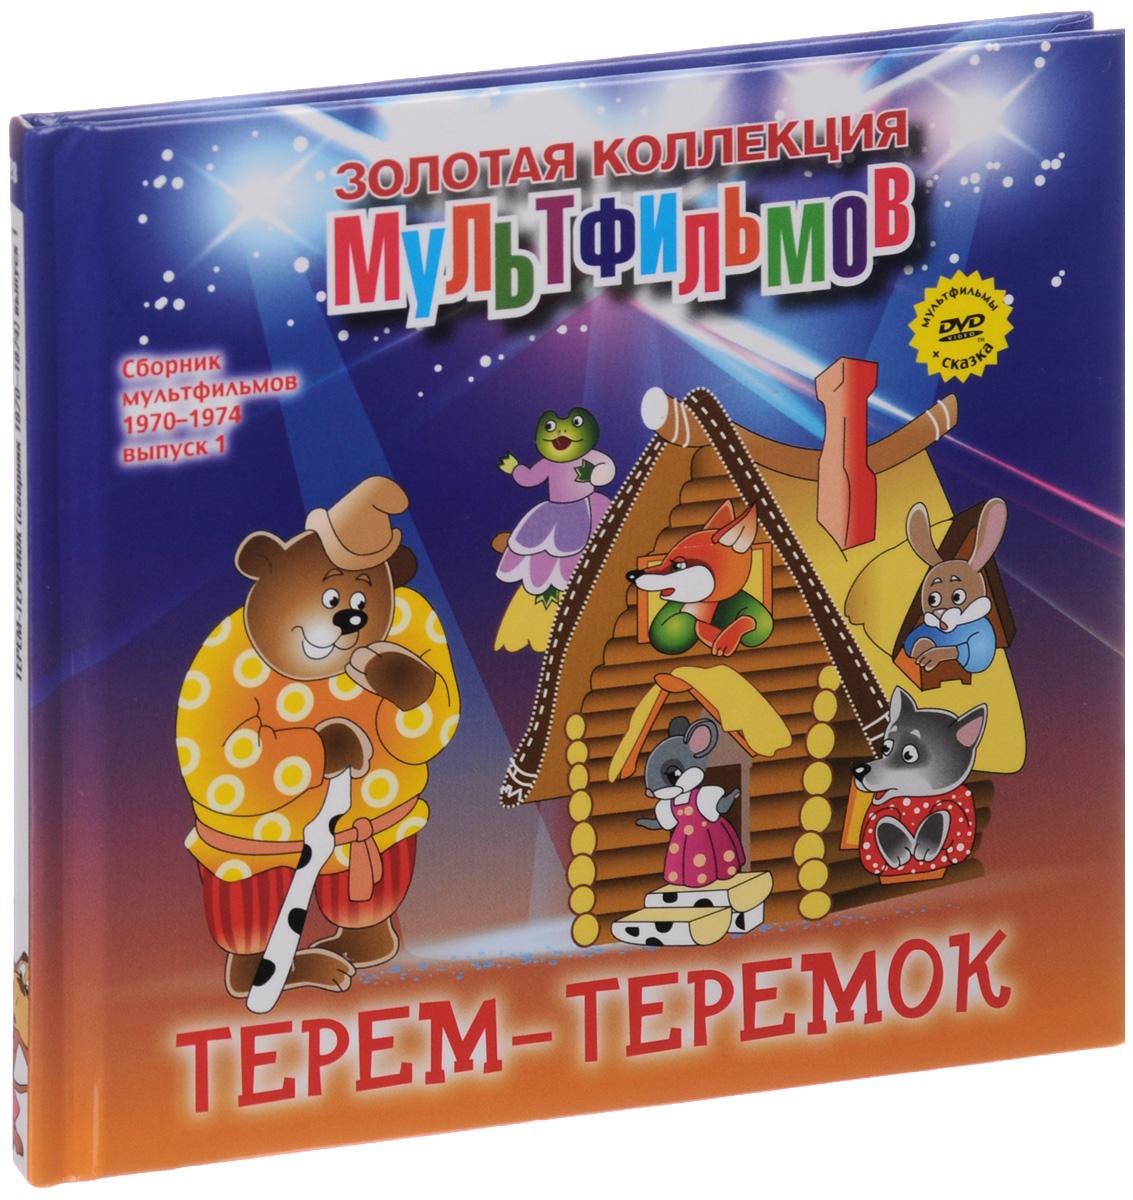 Сборник мультфильмов 1970-1974: Выпуск 1: Терем-теремок